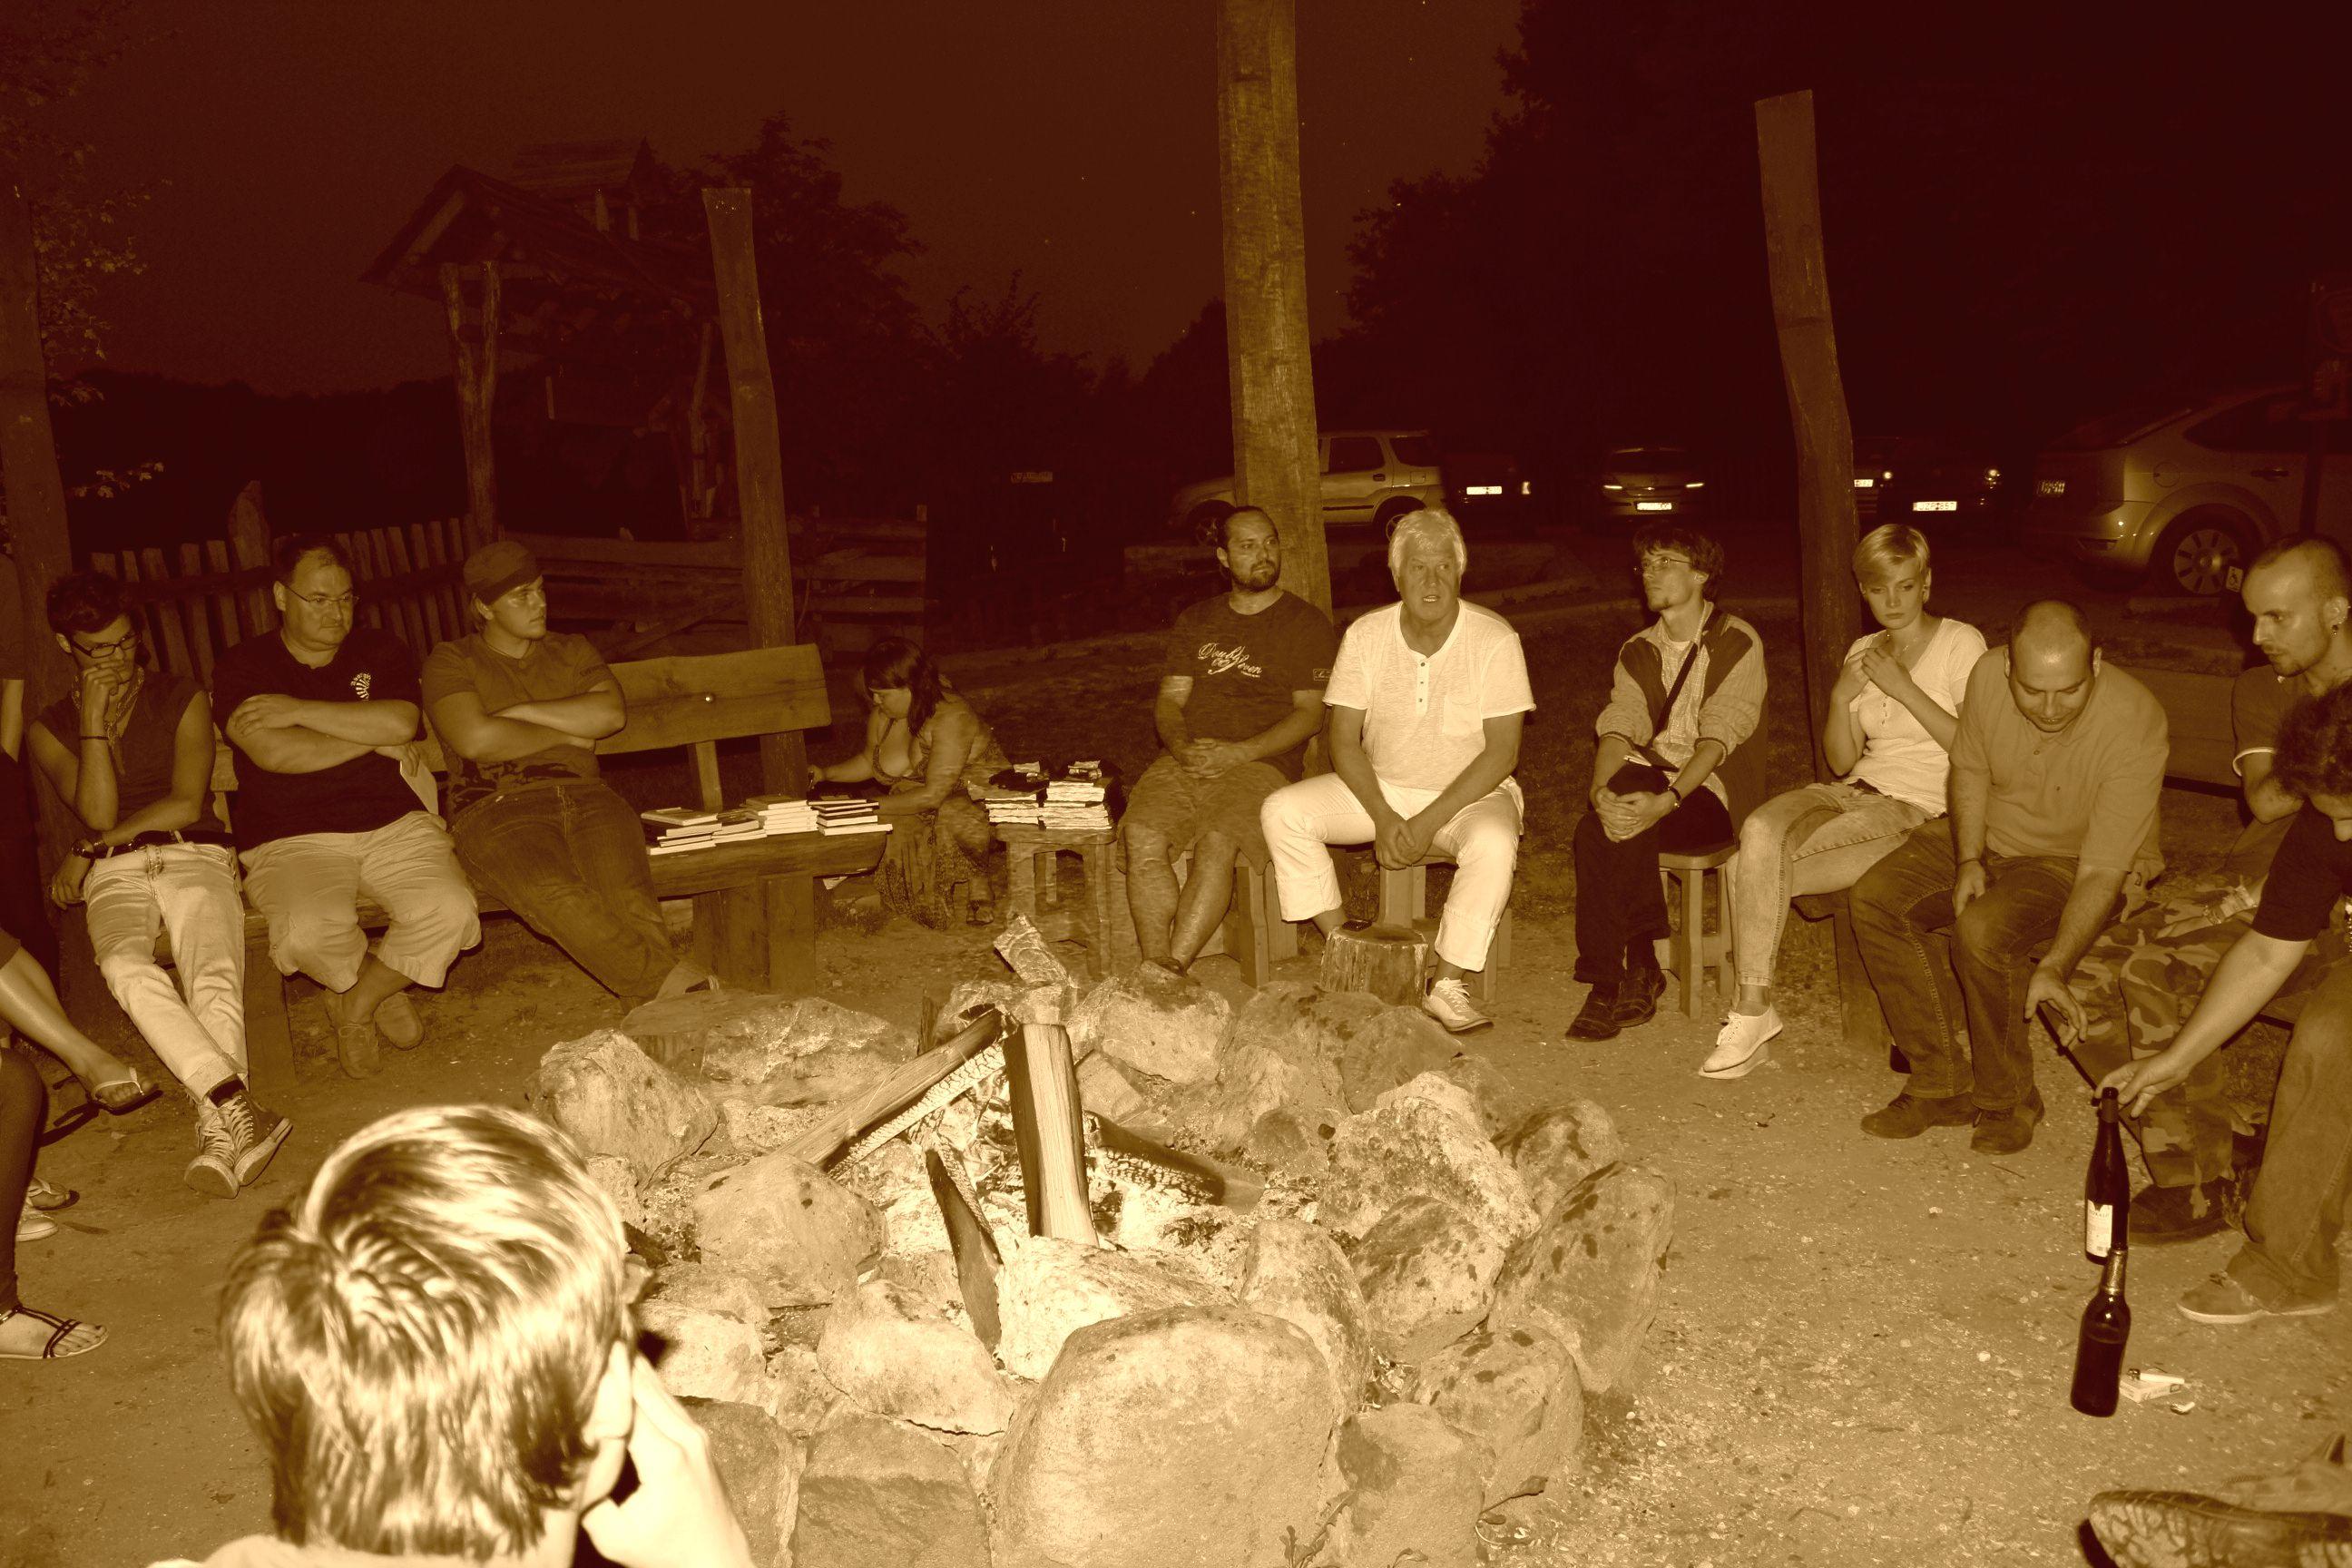 Tábor nem lehet tűz nélkül